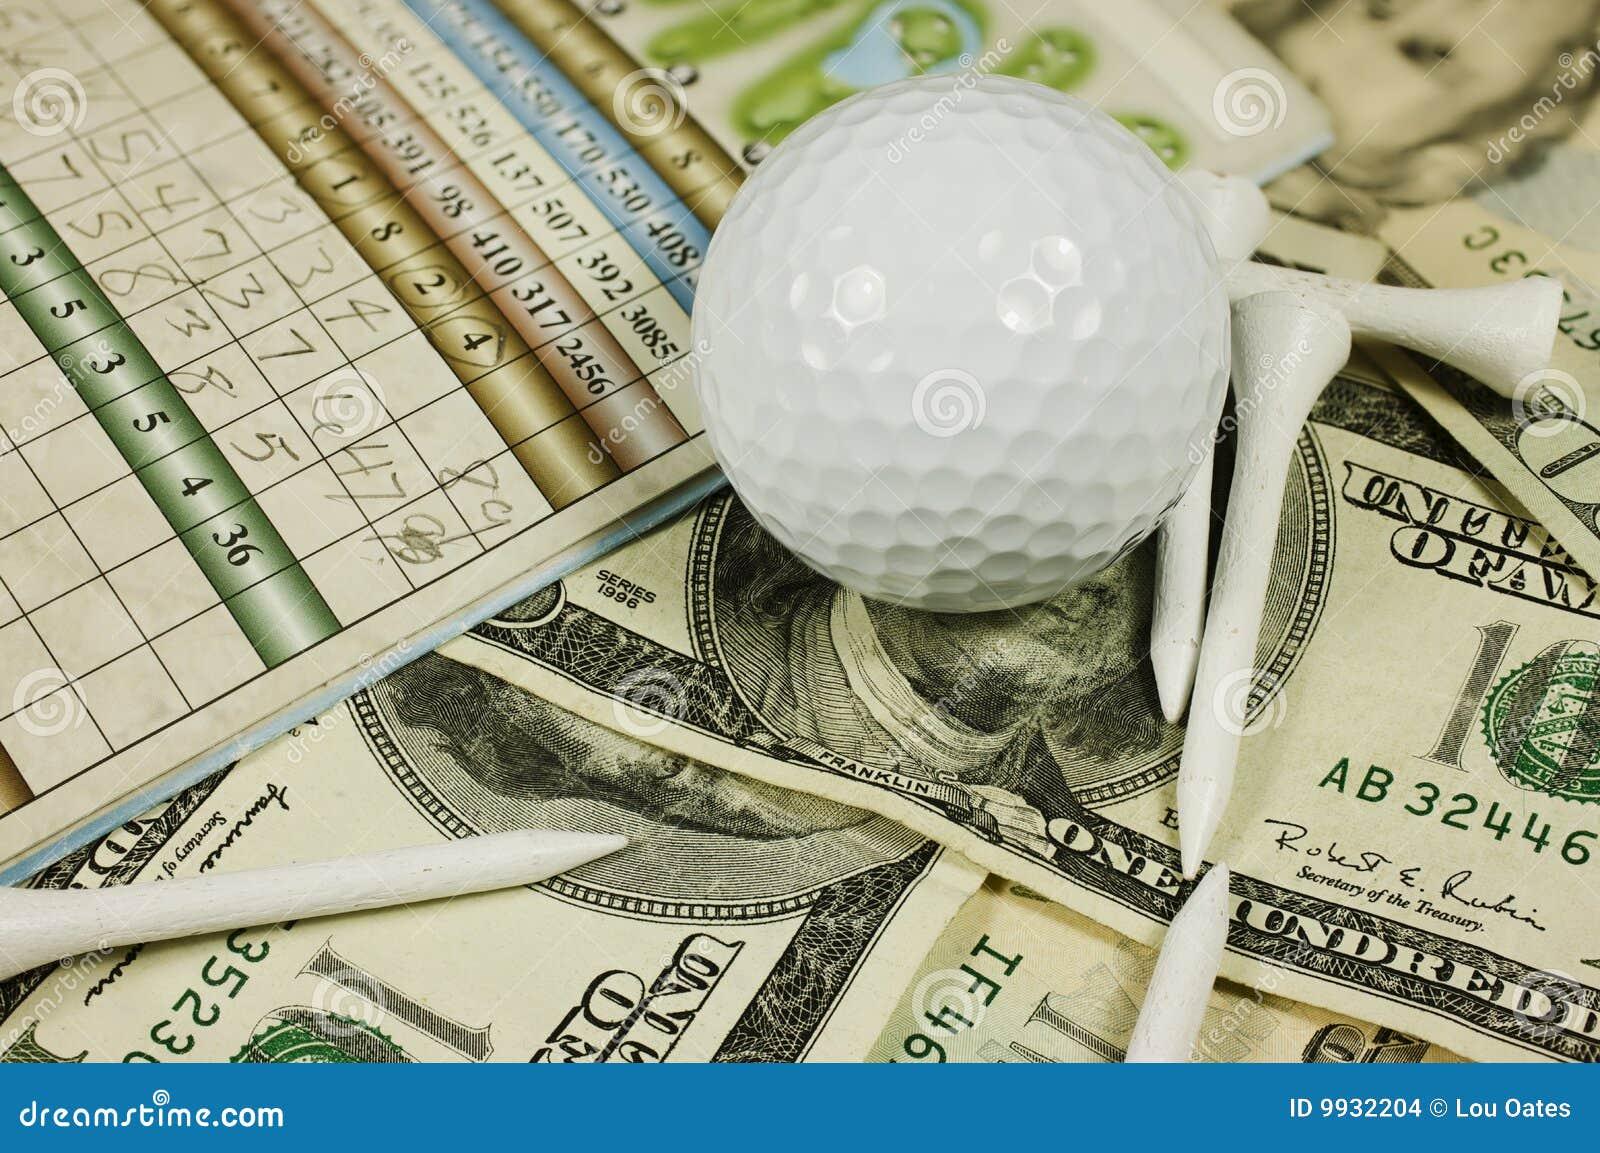 Golfszene